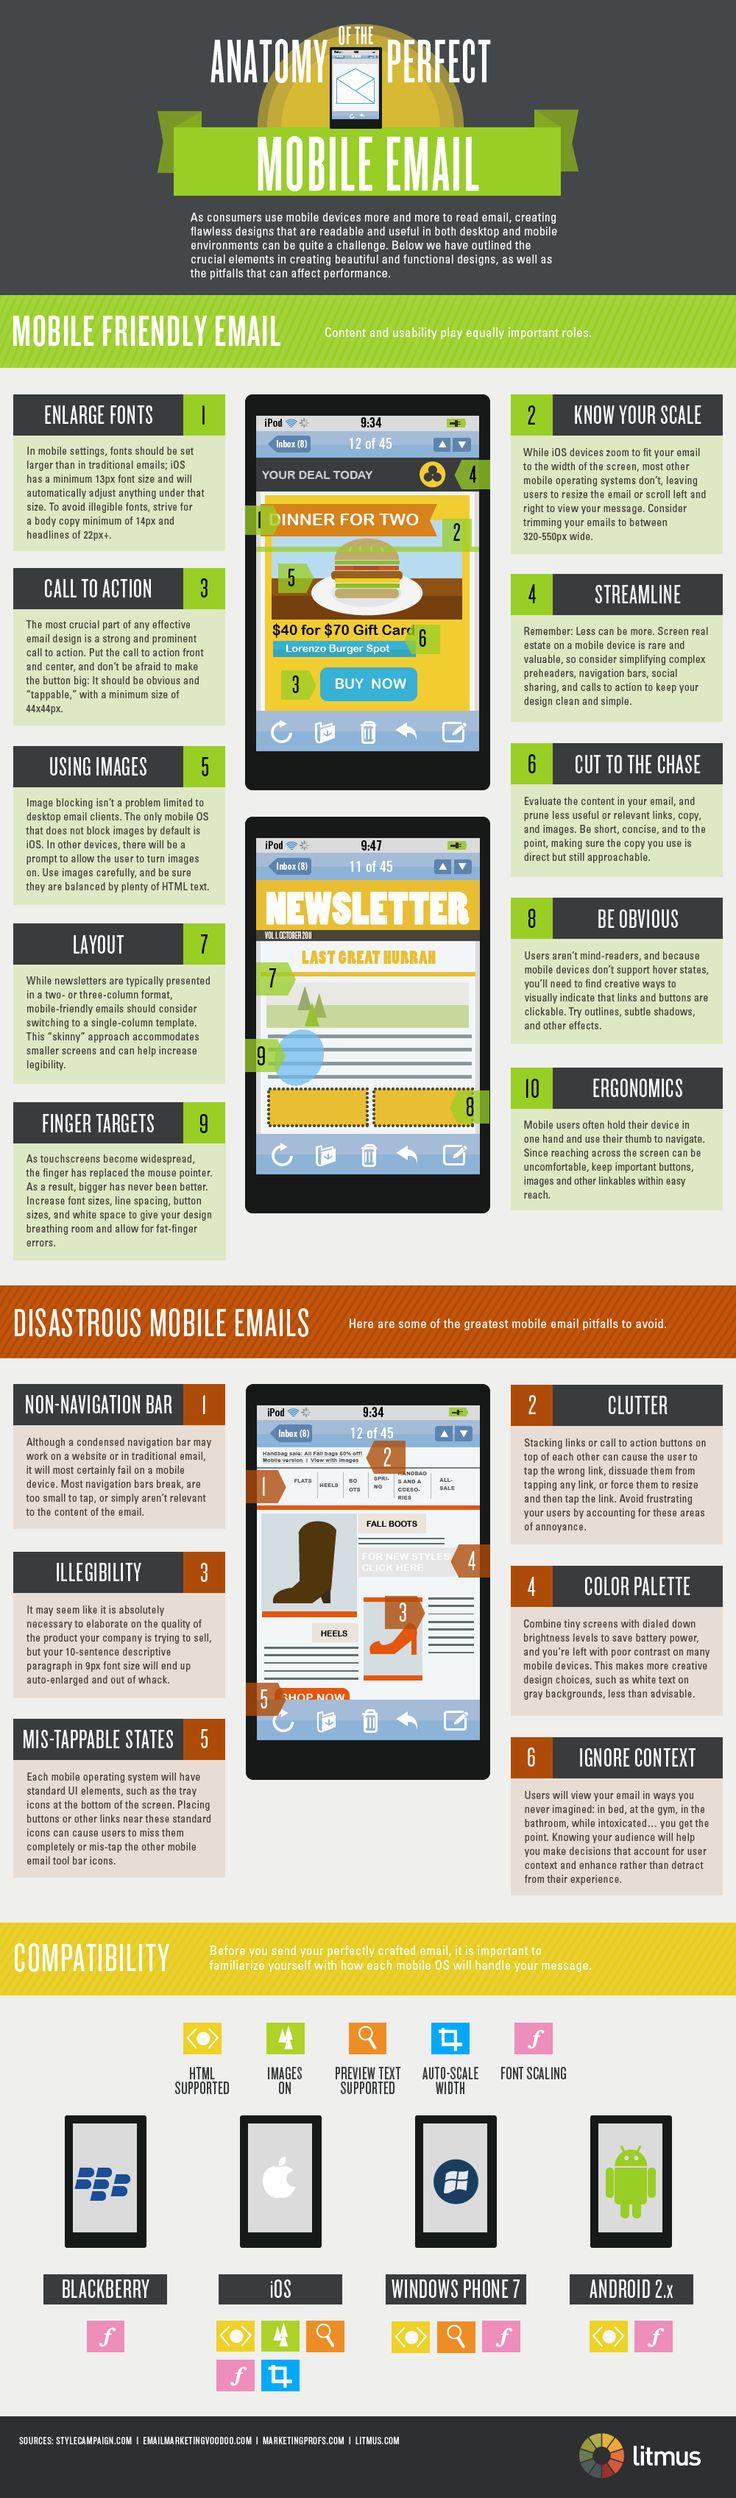 Anatomía de un e-mail perfecto para el móvil y compatibilidades técnicas entre sistemas móviles.